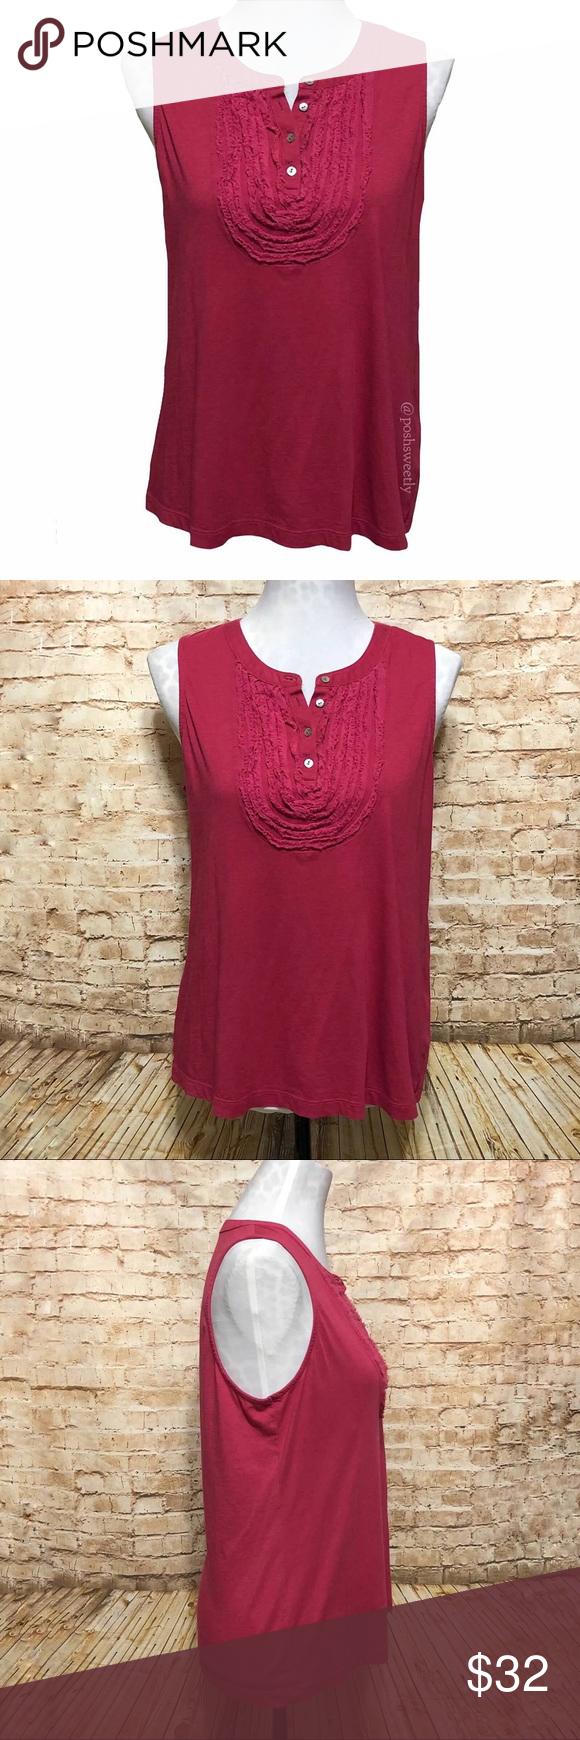 617566a7fb90af J.Jill Silk   Cotton Bib Knit Tank Beautiful hot pink   magenta colored  sleeveless